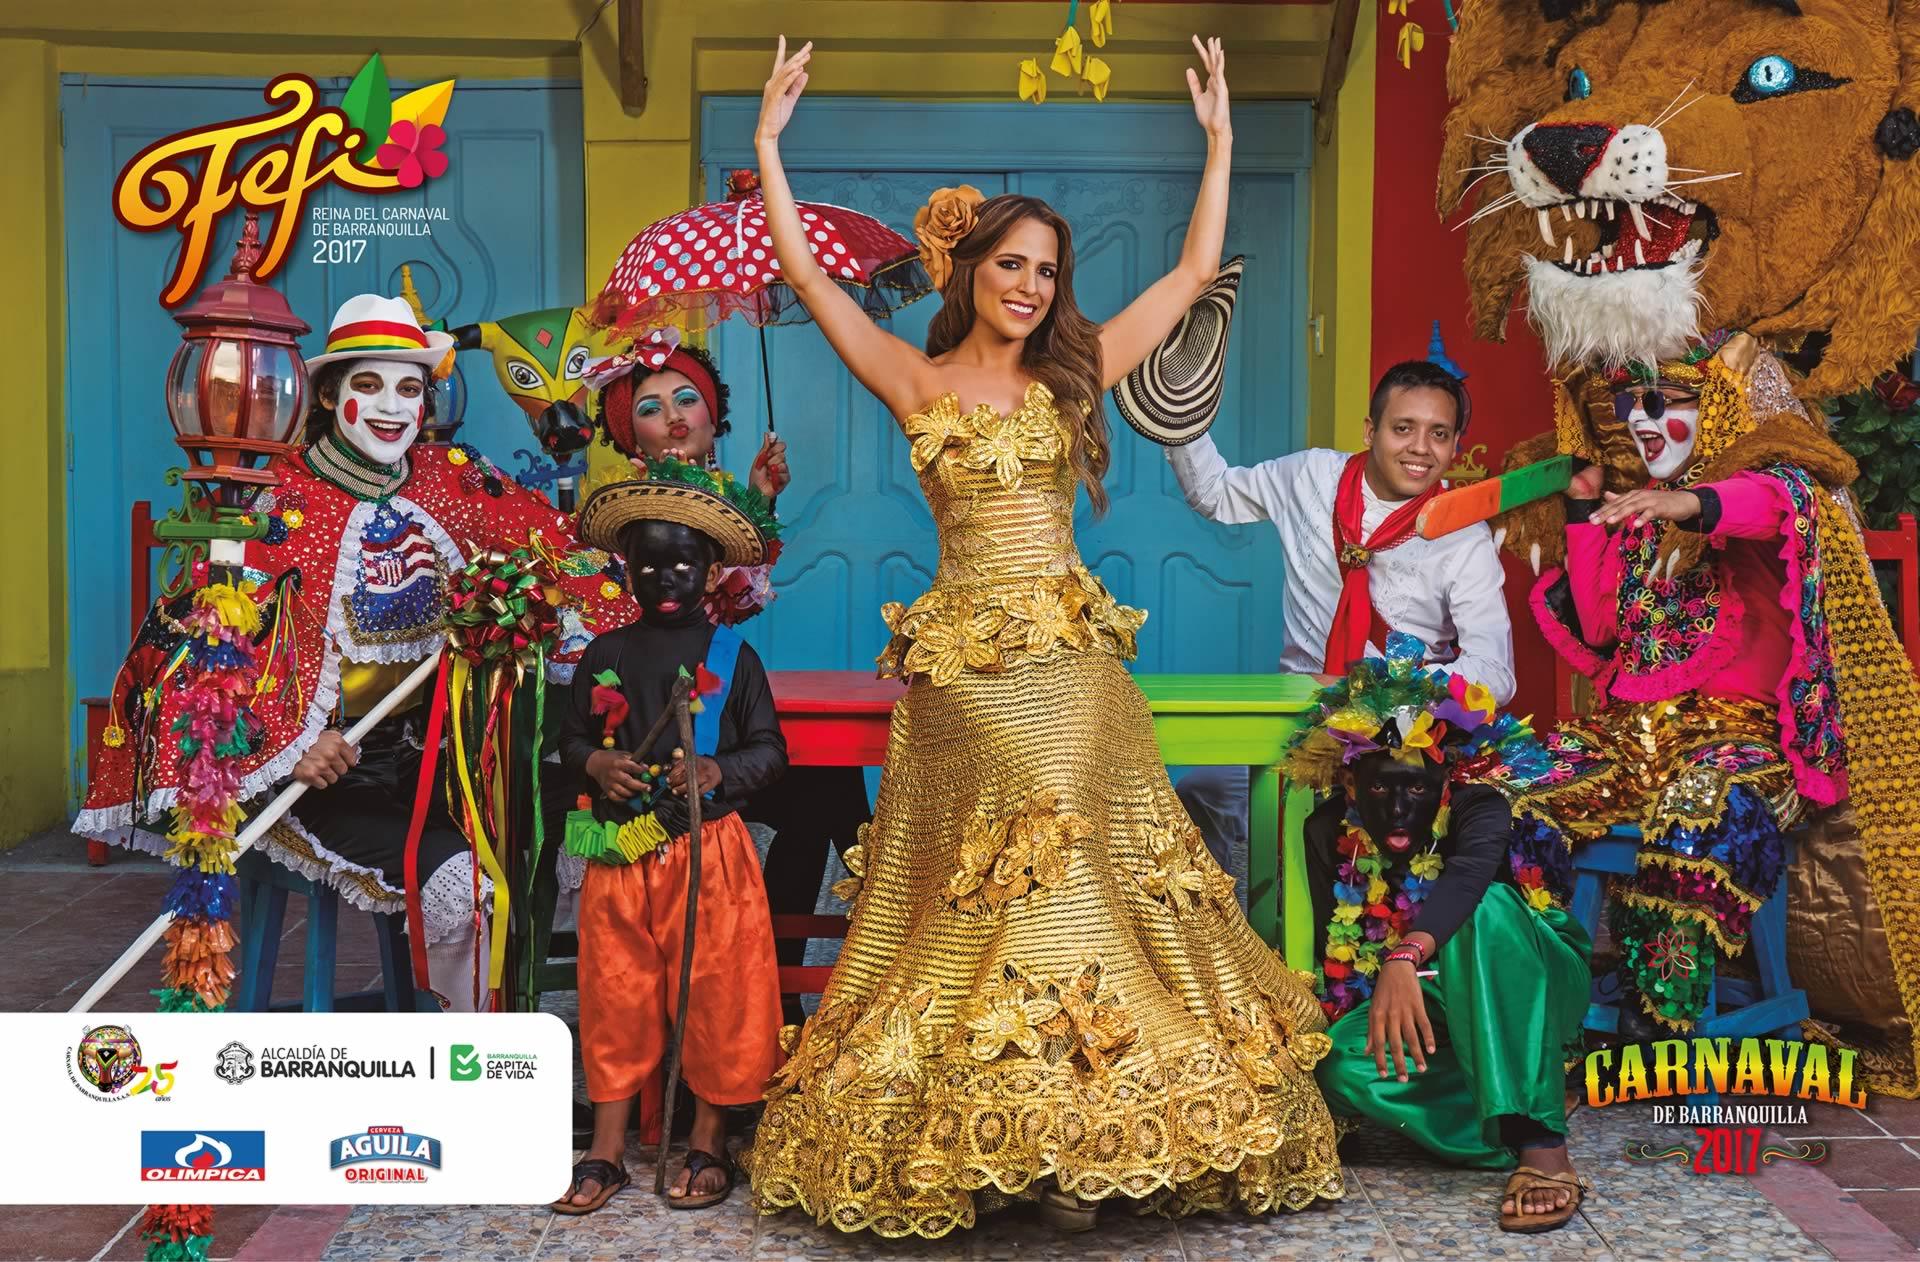 Afiches de los reyes del Carnaval, un homenaje a Barranquilla y a la Cumbia